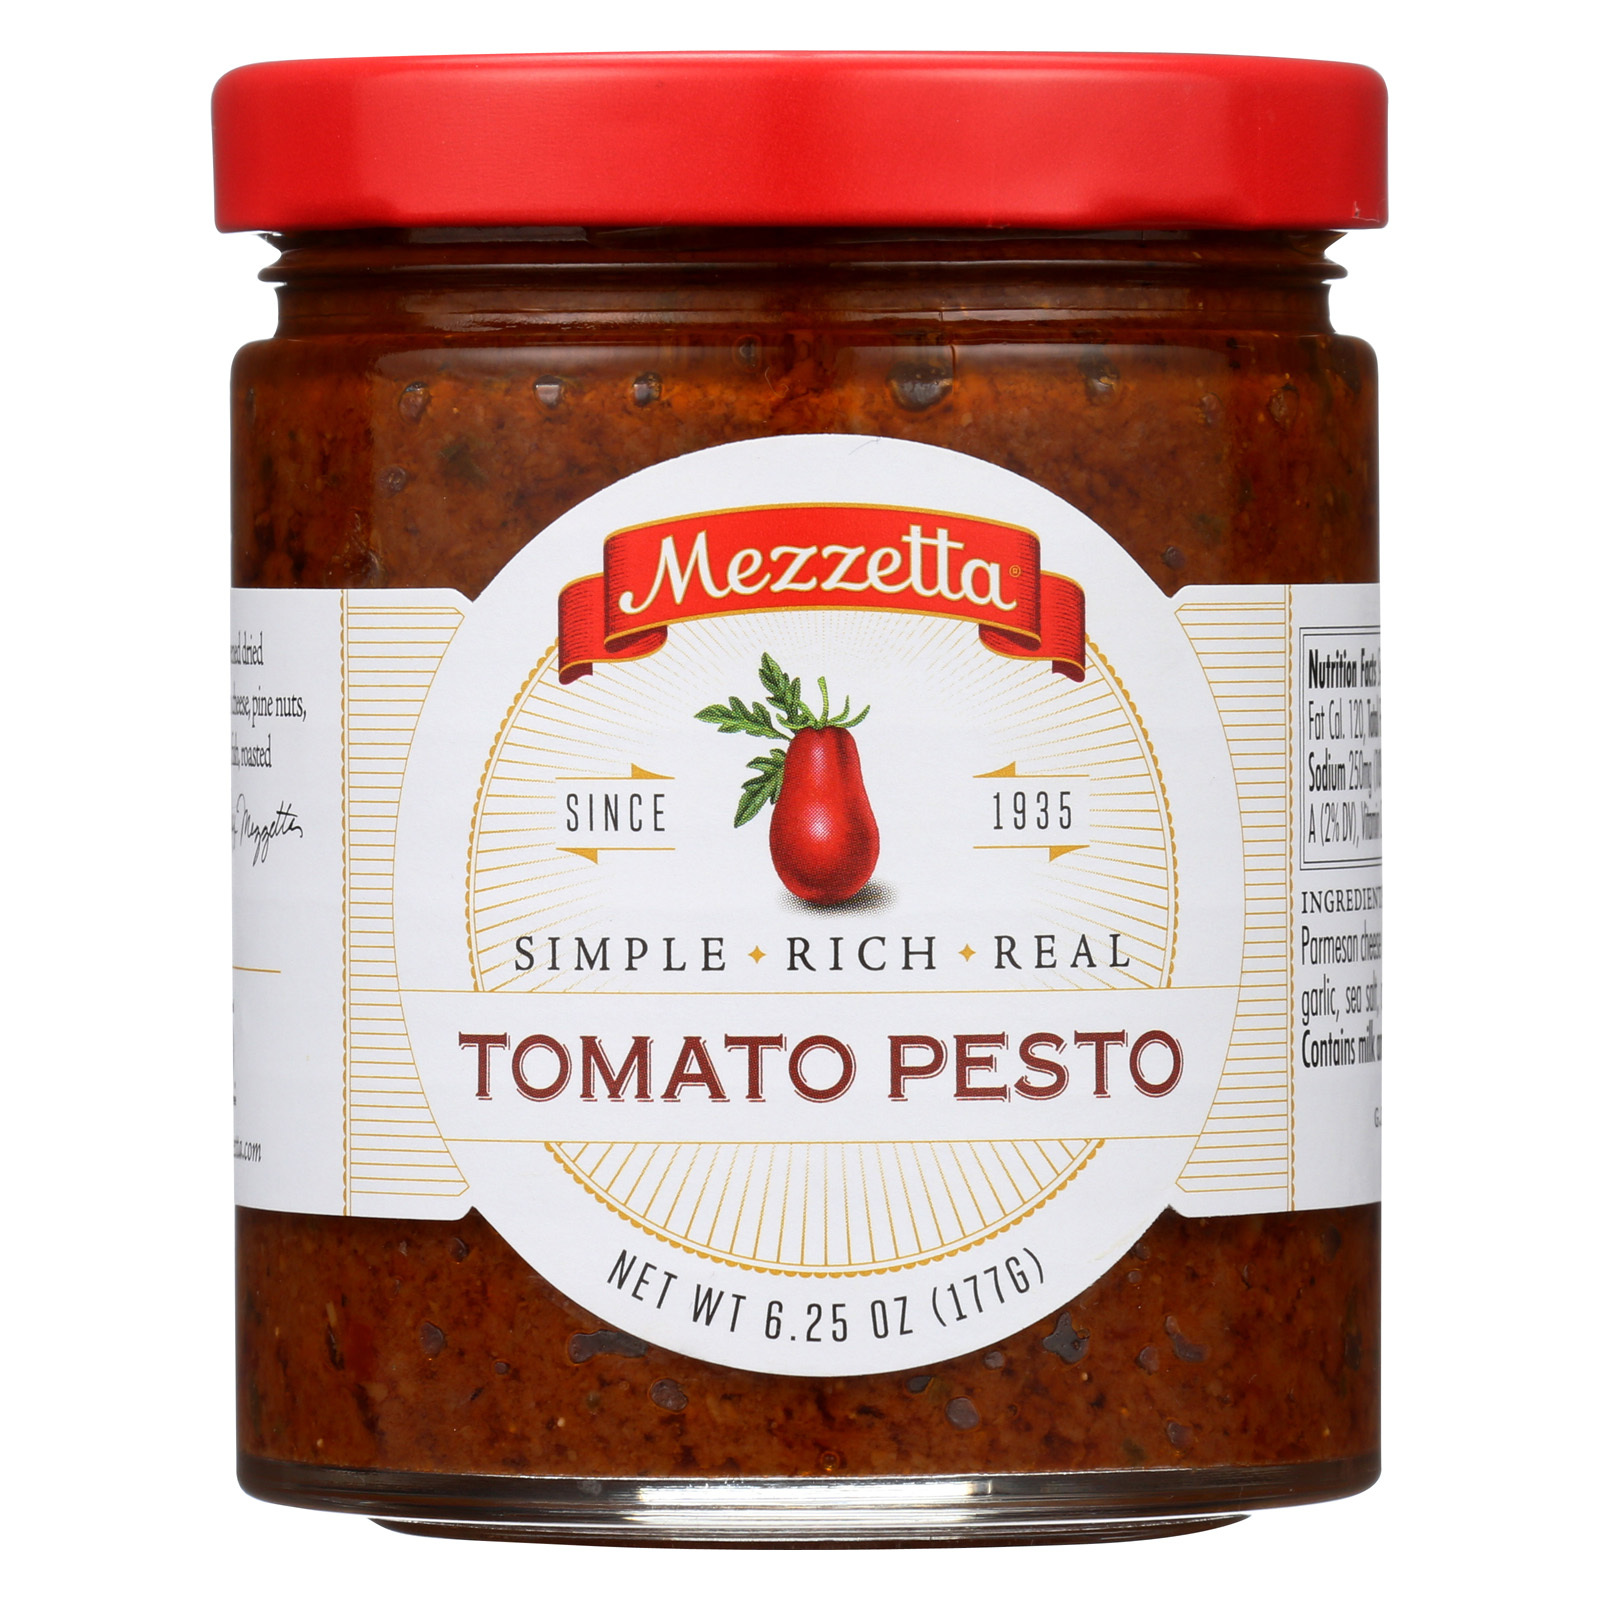 Mezzetta Sun Ripened Dried Tomato Pesto - Case of 6 - 6.25 oz.